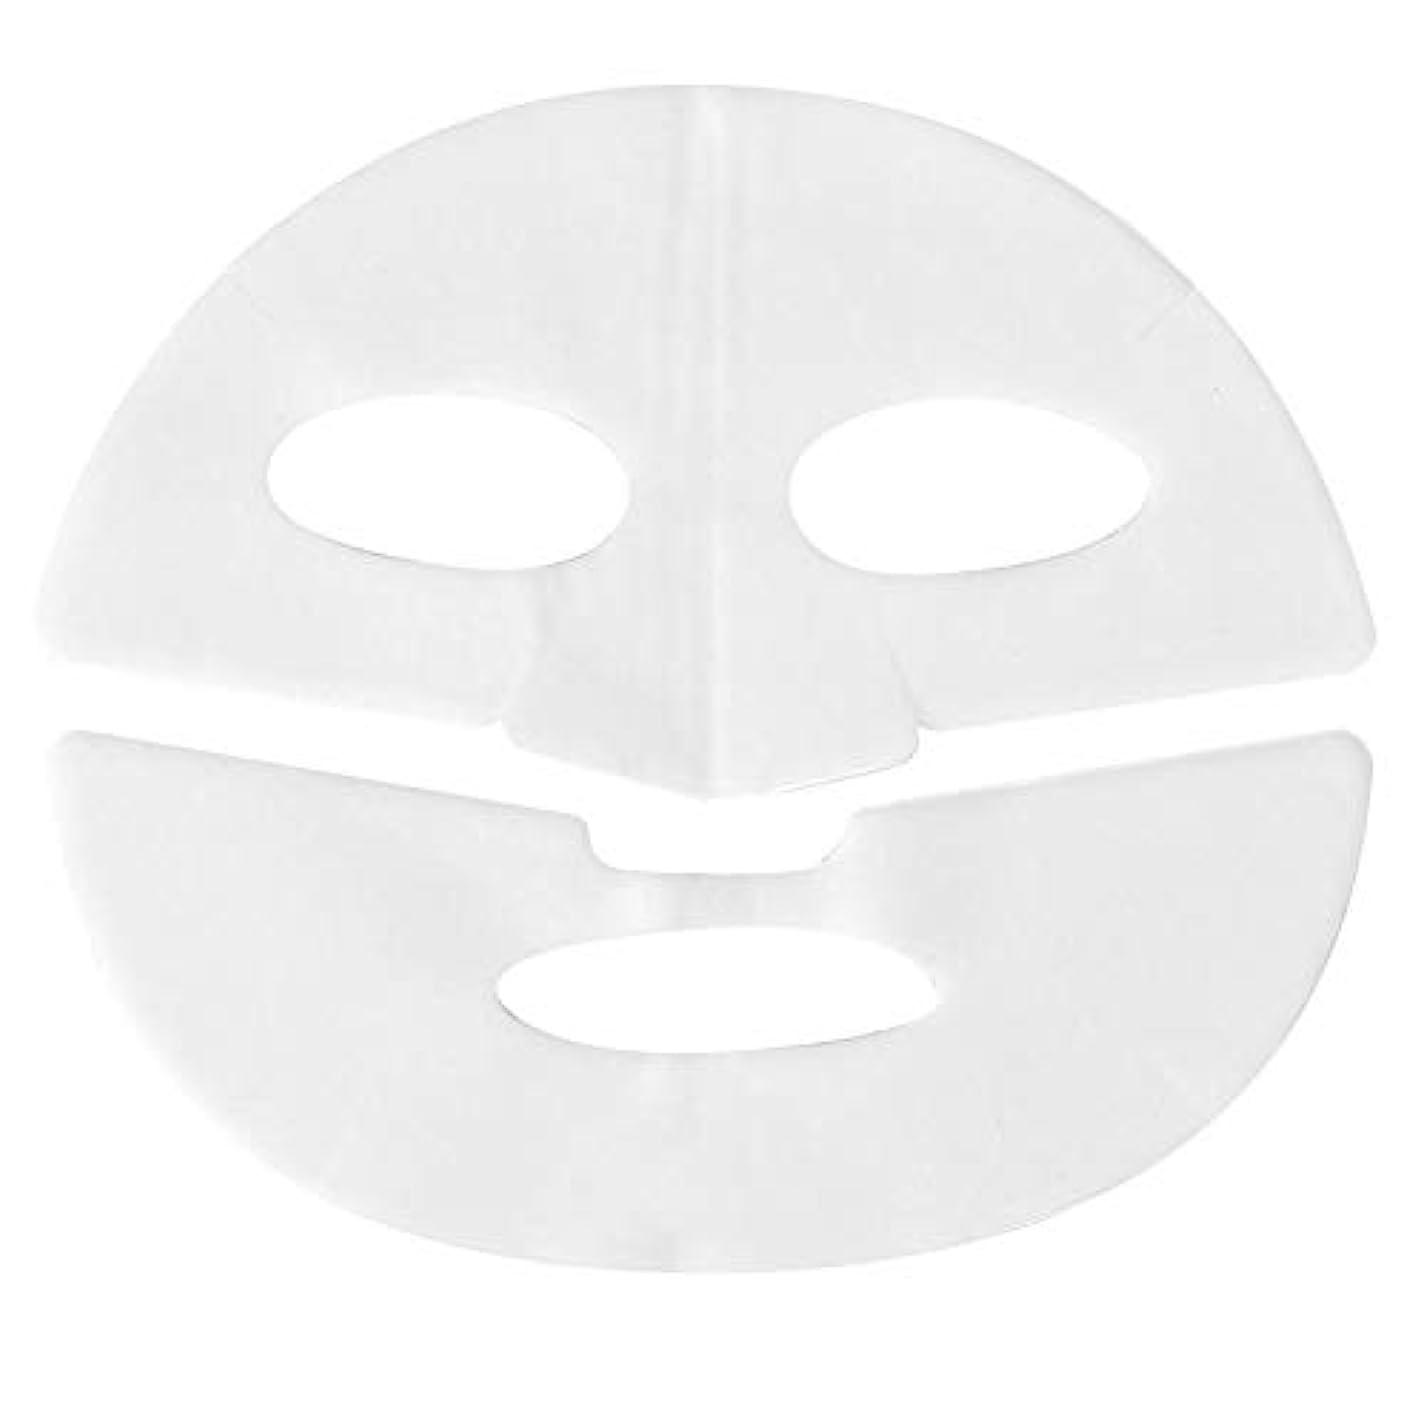 時刻表マエストロマイクロ10 PCS痩身マスク - 水分補給用V字型マスク、保湿マスク - 首とあごのリフト、アンチエイジング、しわを軽減